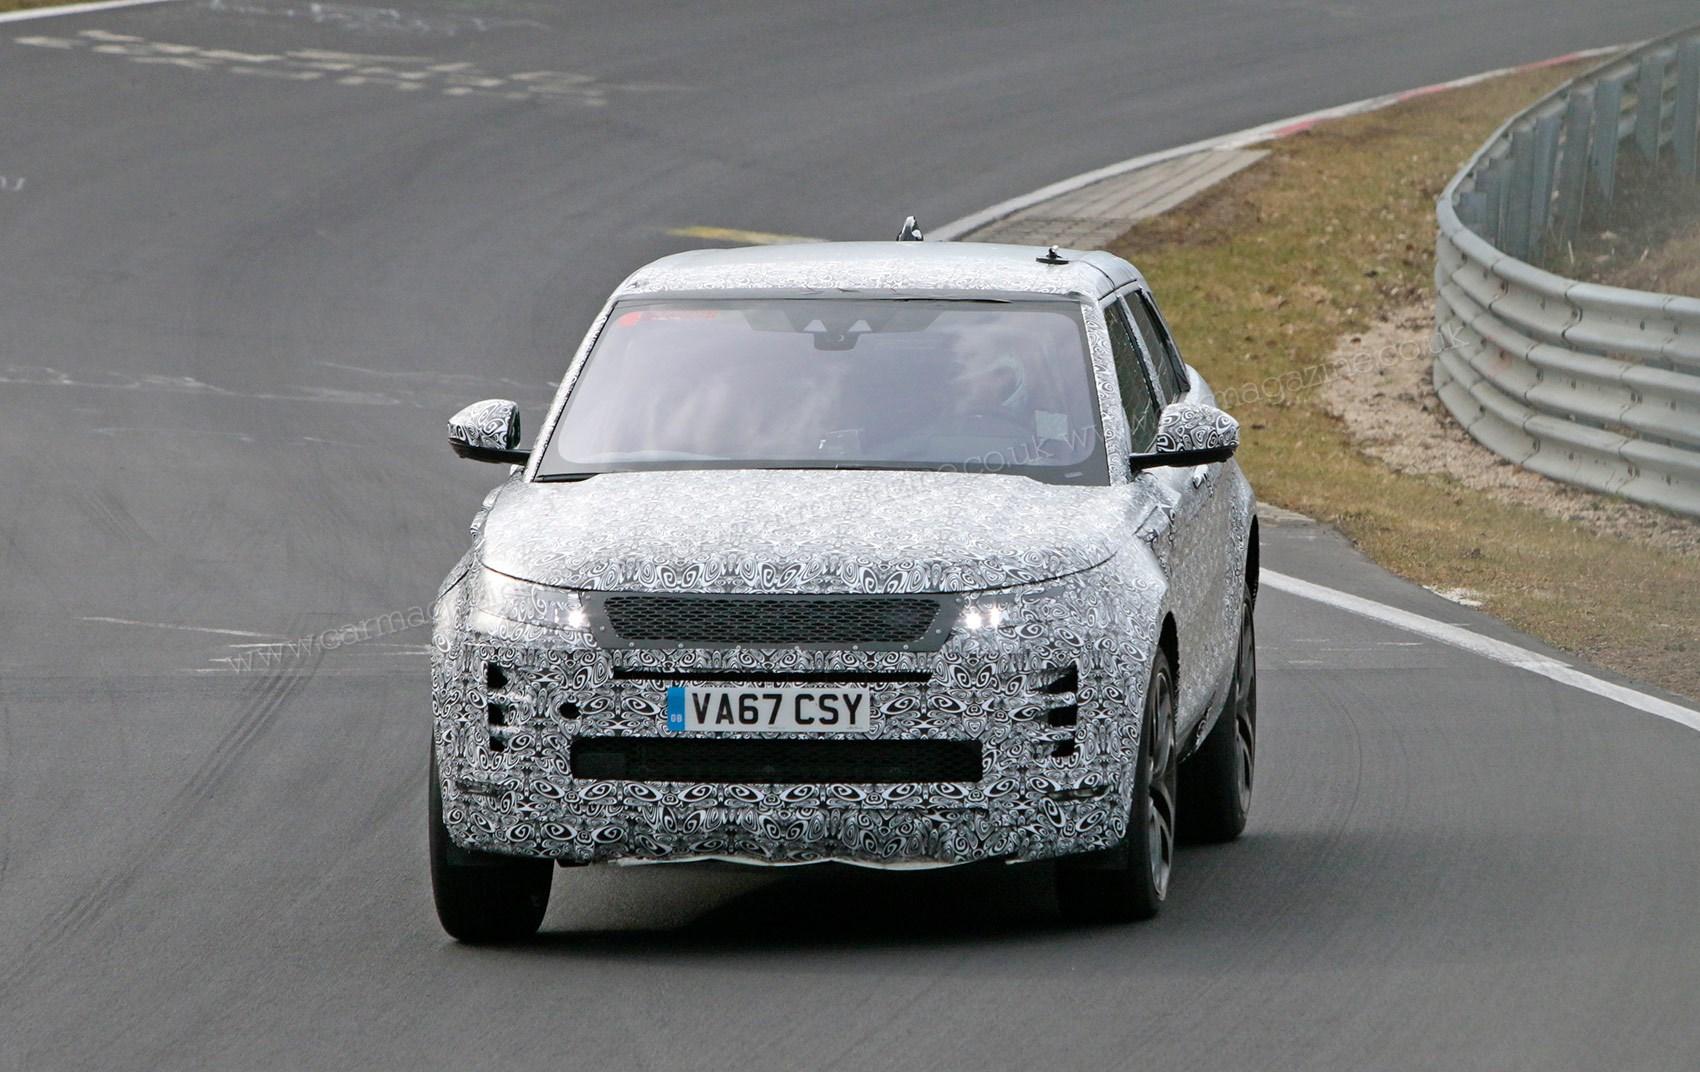 New 2019 Range Rover Evoque spy photos, specs, prices | CAR Magazine